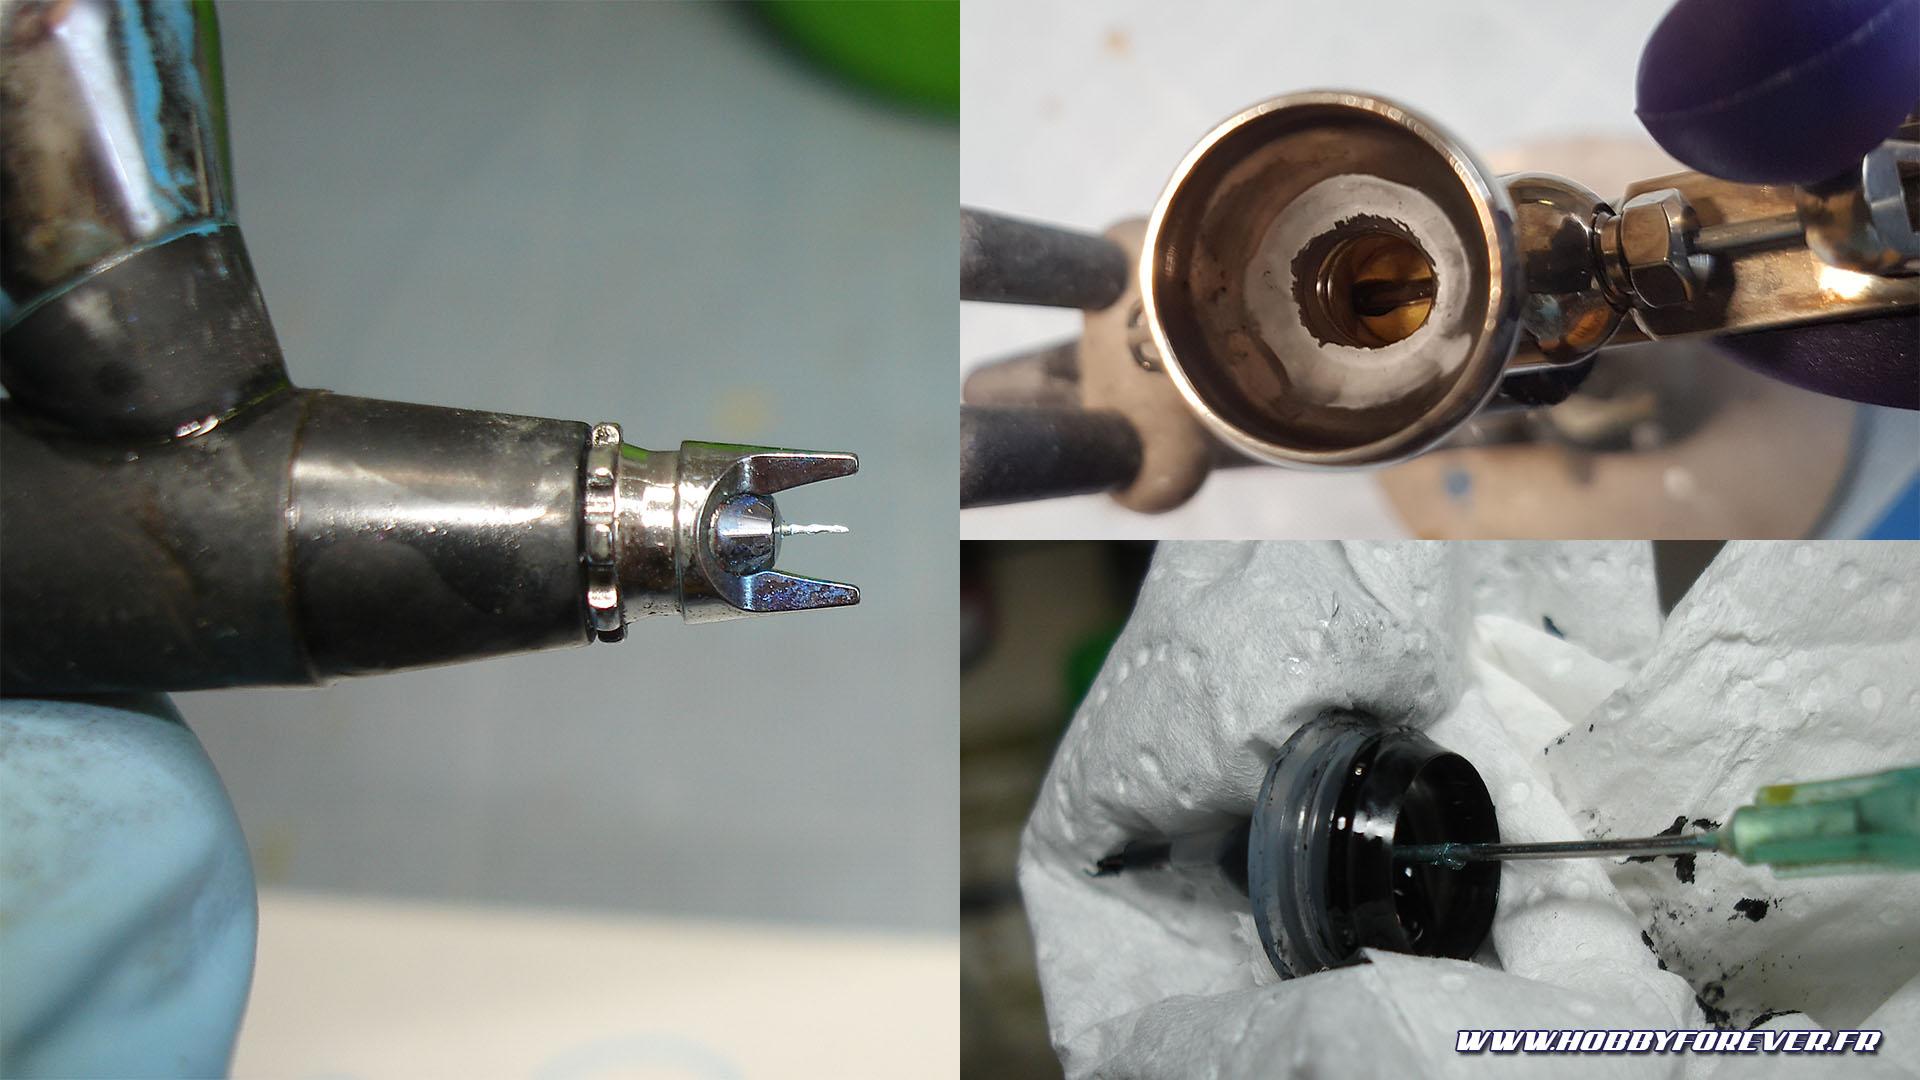 La Stardust Pro sèche très vite et sans un bon entretien, l'aiguille et le godet peuvent rapidement s'encrasser, de même que le compte-goutte des flacons qu'il faudra déboucher avec une aiguille.